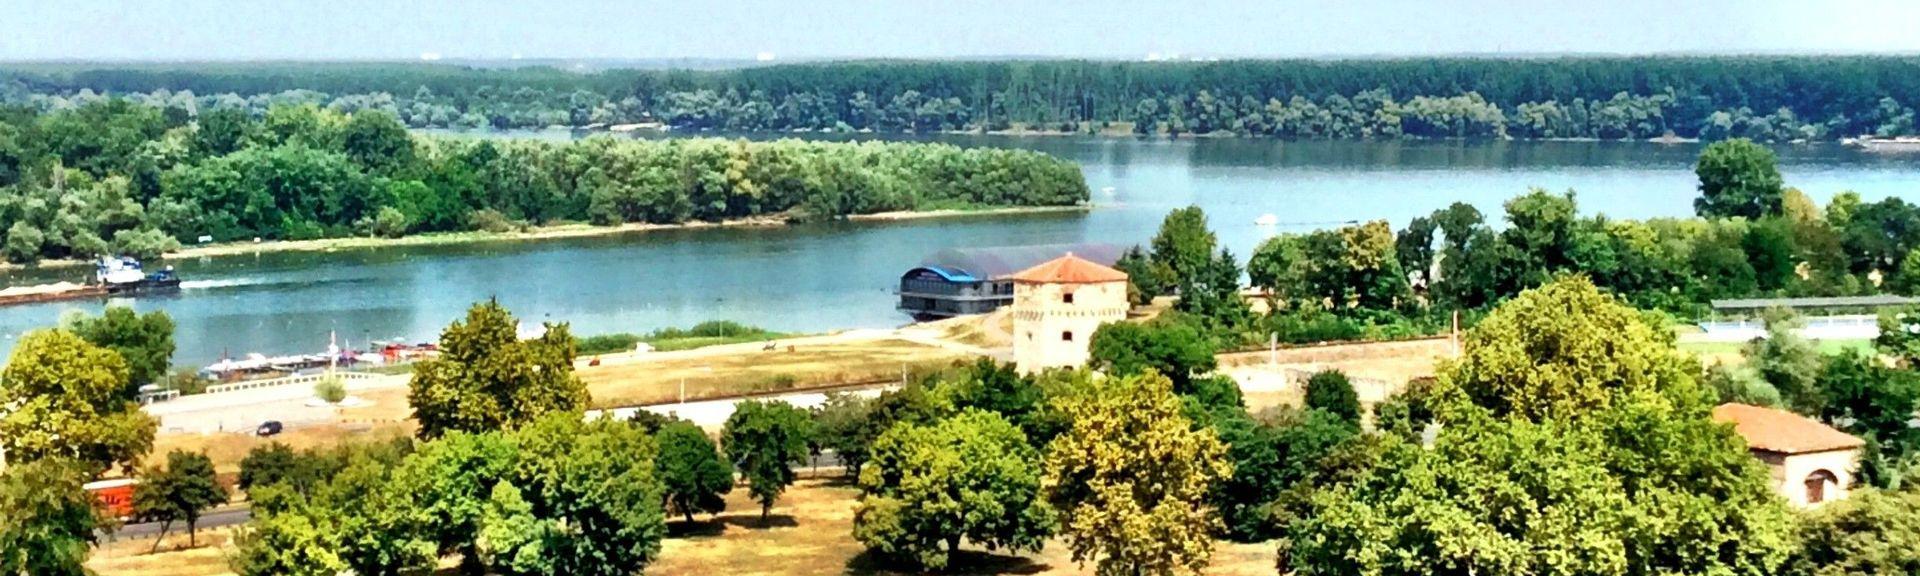 Belgrad, Zentralserbien, Serbien